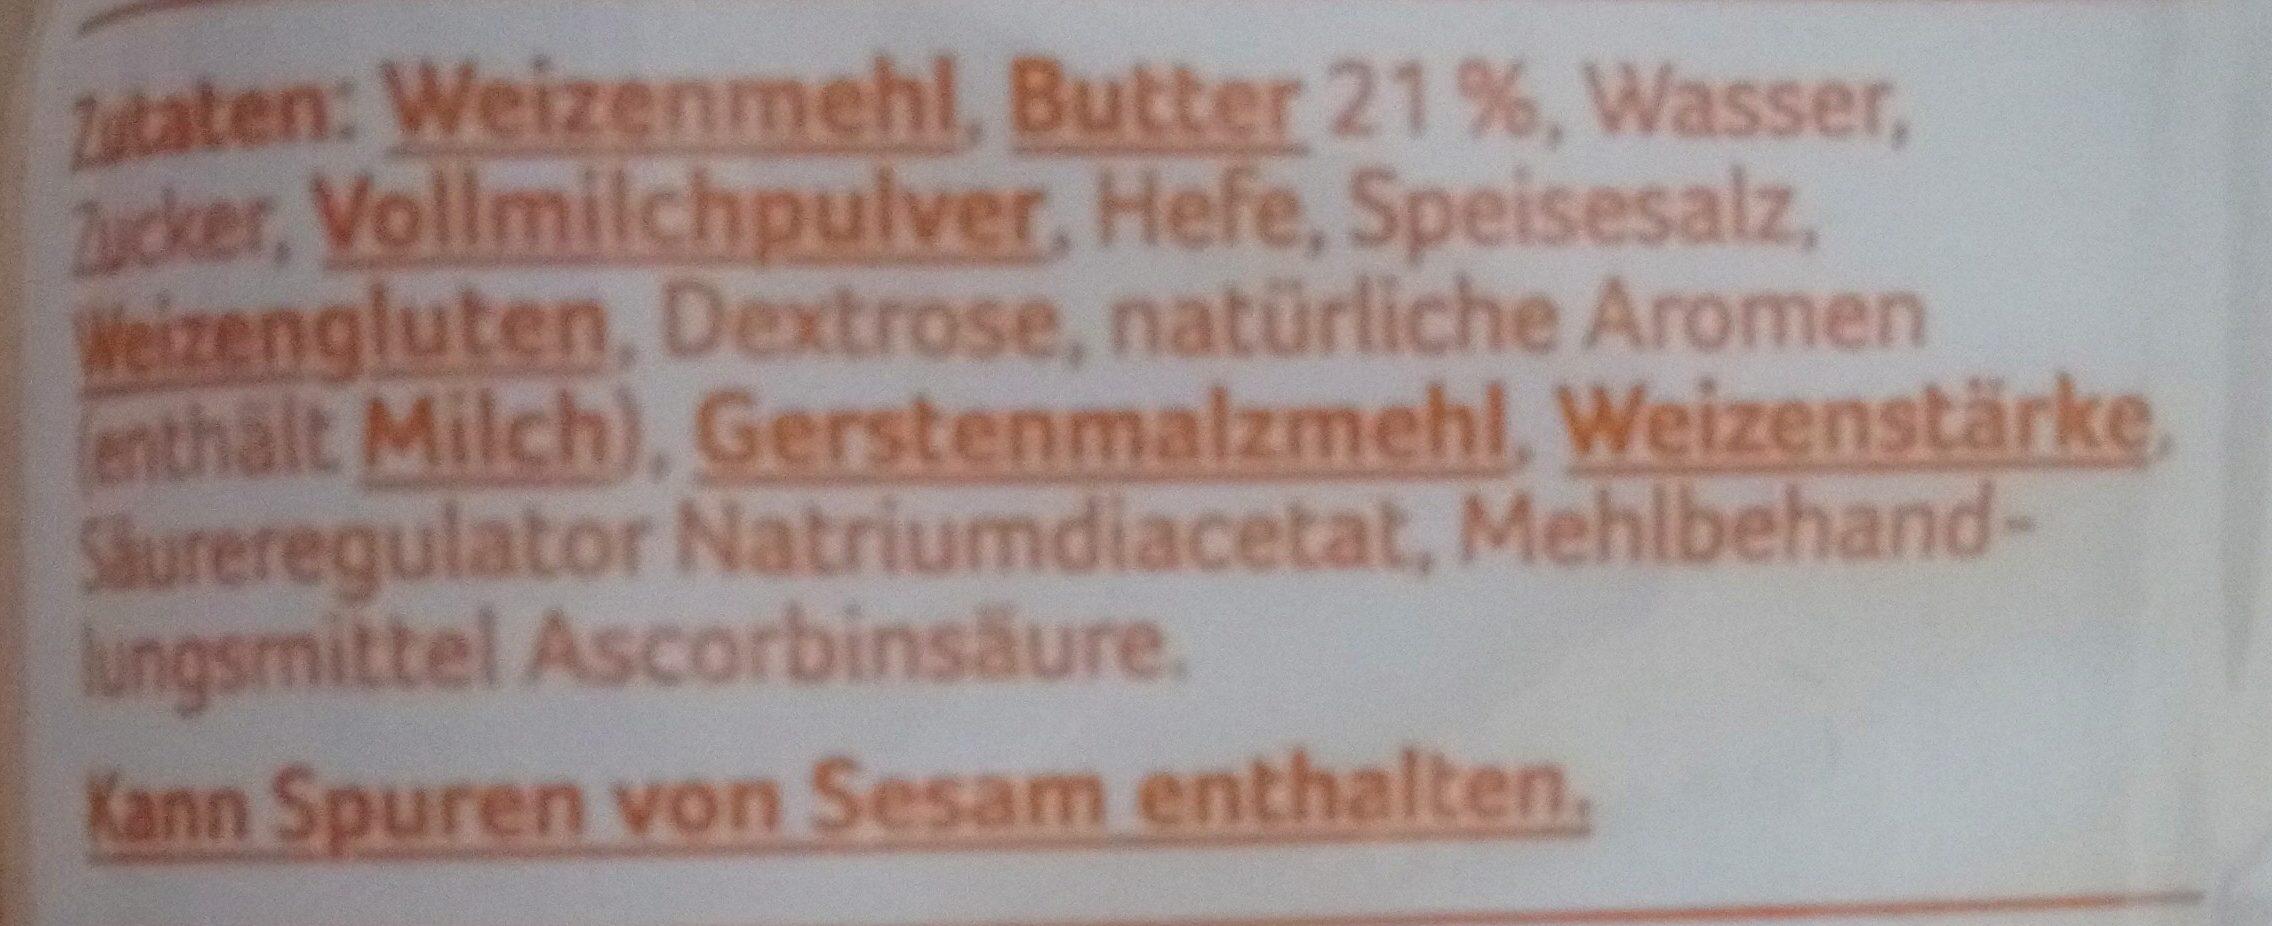 Buttercroissant - Ingrédients